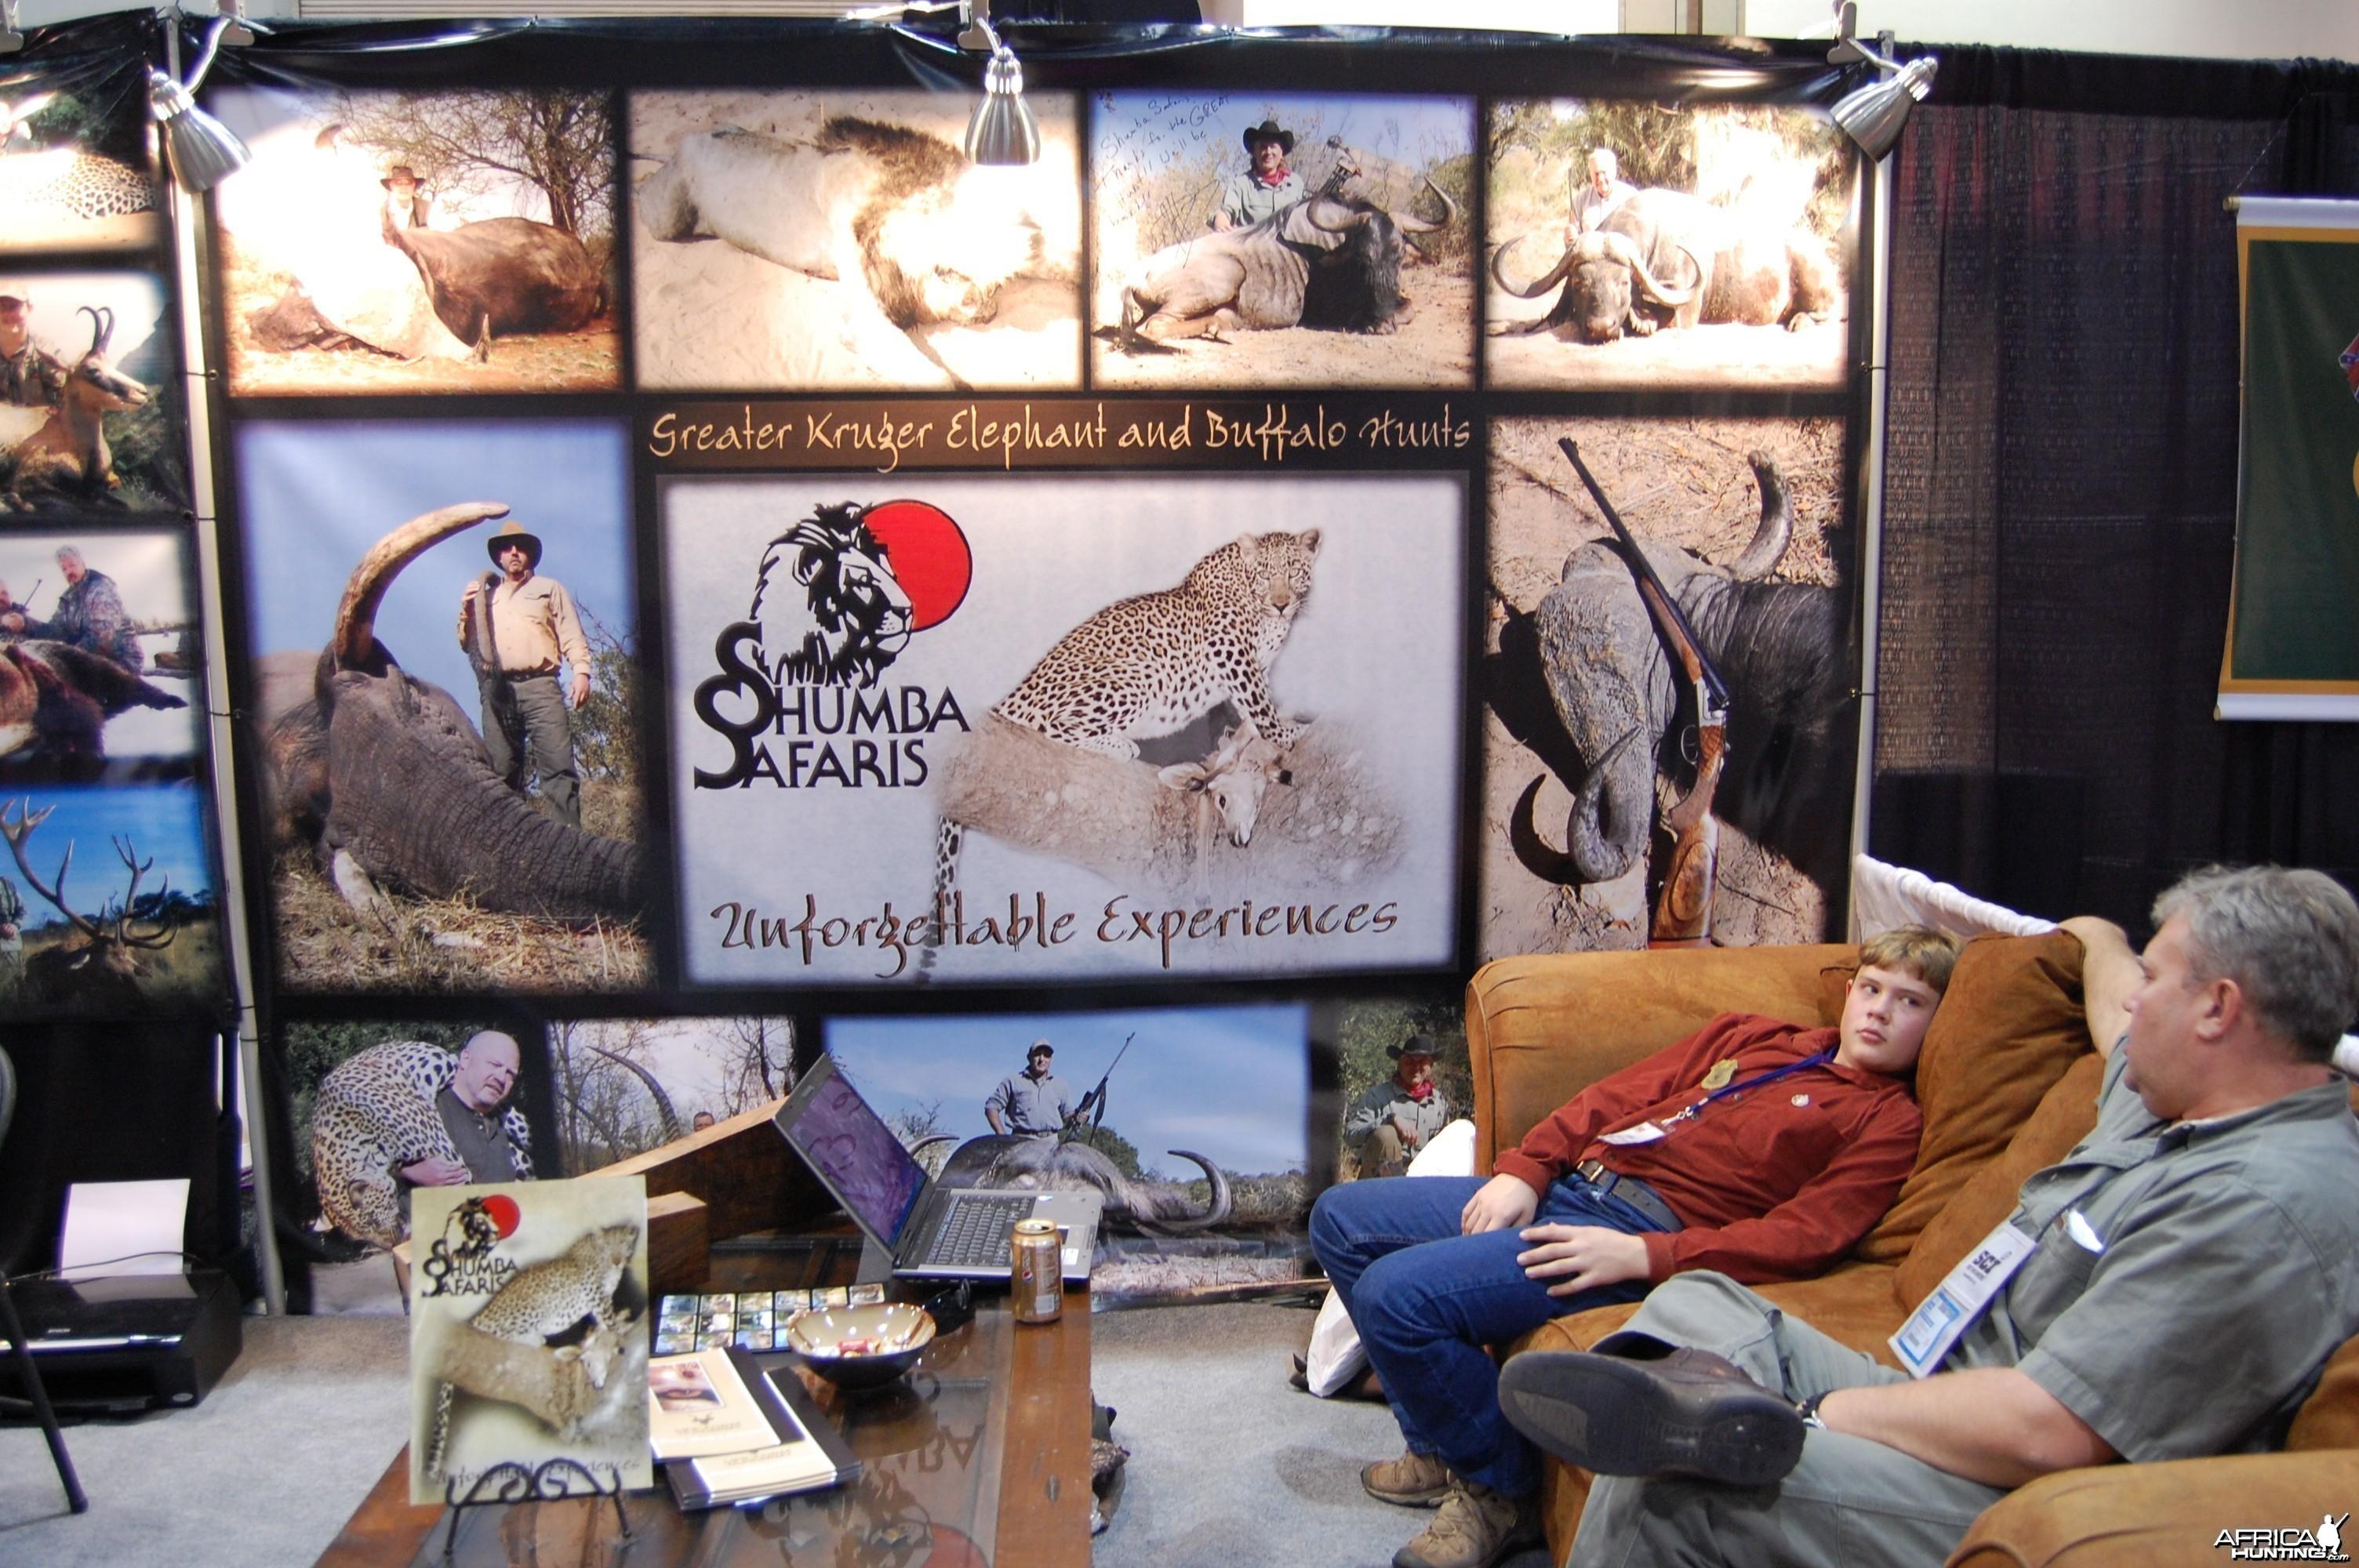 Shumba Safaris